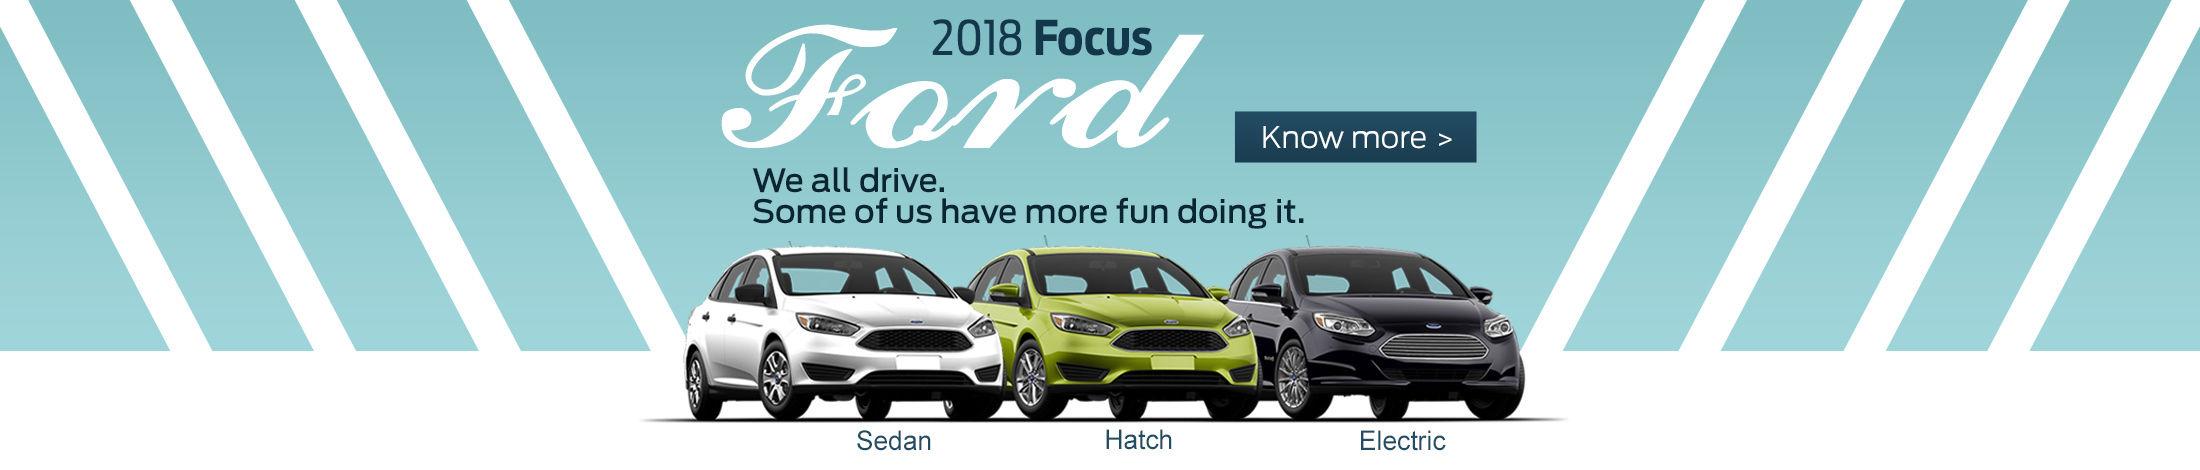 2018 Focus